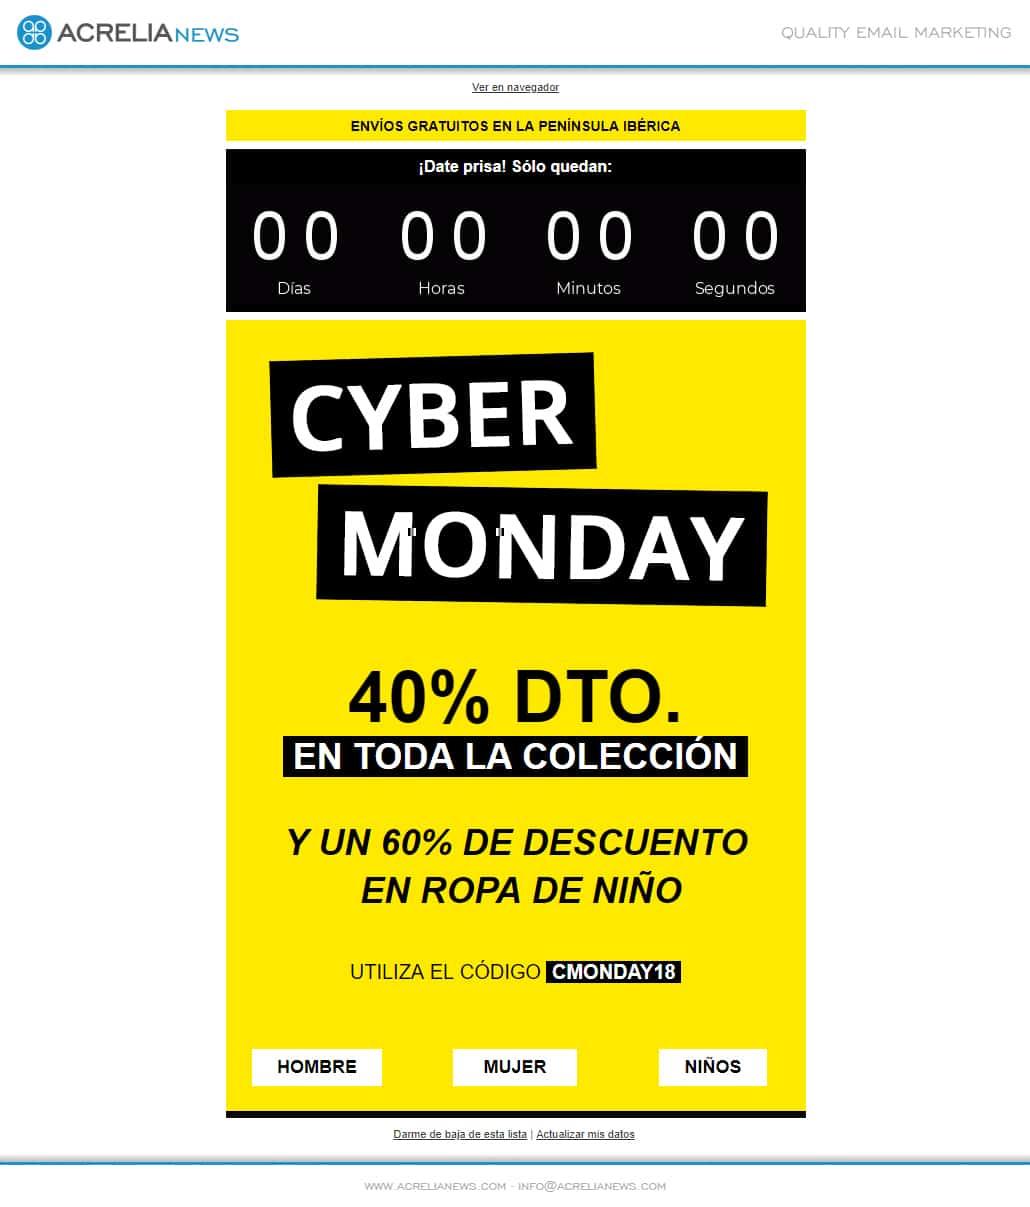 Plantilla de email responsive: Cyber Monday